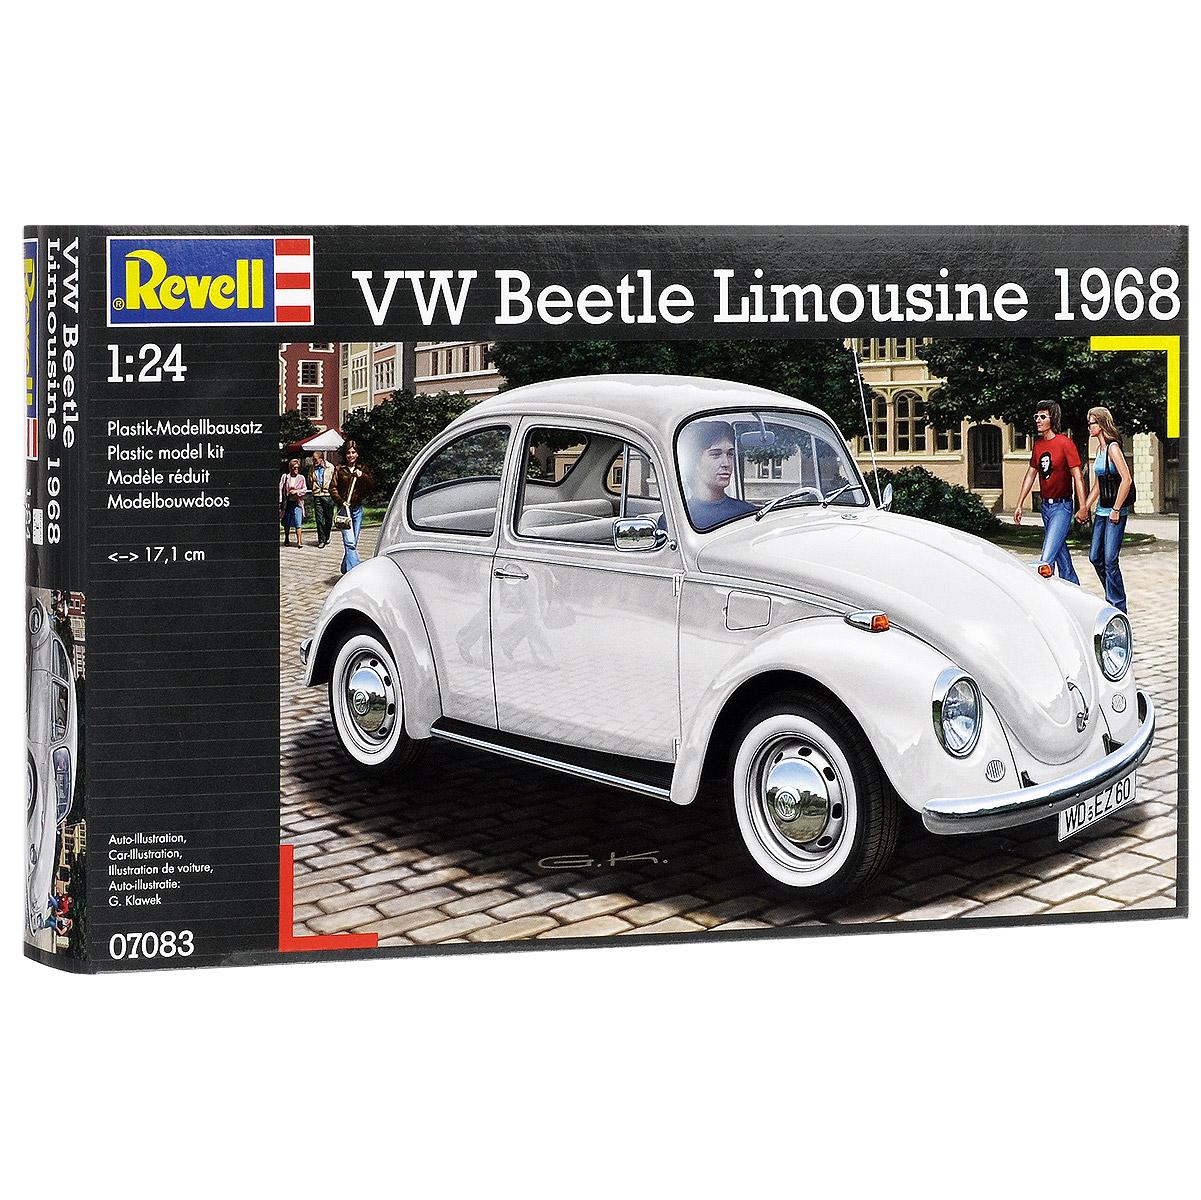 """Сборная модель Revell """"Автомобиль VW Beetle Limousine 1968"""" поможет вам и вашему ребенку придумать увлекательное занятие на долгое время. Набор включает в себя 125 пластиковых элементов, из которых можно собрать достоверную уменьшенную копию одноименного автомобиля. Сборная модель автомобиля Volkswagen Beetle Limousine еще называют """"Жук"""". Volkswagen """"Жук"""" в различных модификациях выпускался с 1938 по 2003 годы. За это время было выпущено около 21,5 миллиона """"жуков"""". Также в наборе схематичная инструкция по сборке. Процесс сборки развивает интеллектуальные и инструментальные способности, воображение и конструктивное мышление, а также прививает практические навыки работы со схемами и чертежами. Уровень сложности: 3. УВАЖАЕМЫЕ КЛИЕНТЫ! Обращаем ваше внимание на тот факт, что элементы для сборки не покрашены. Клей и краски в комплект не входят."""